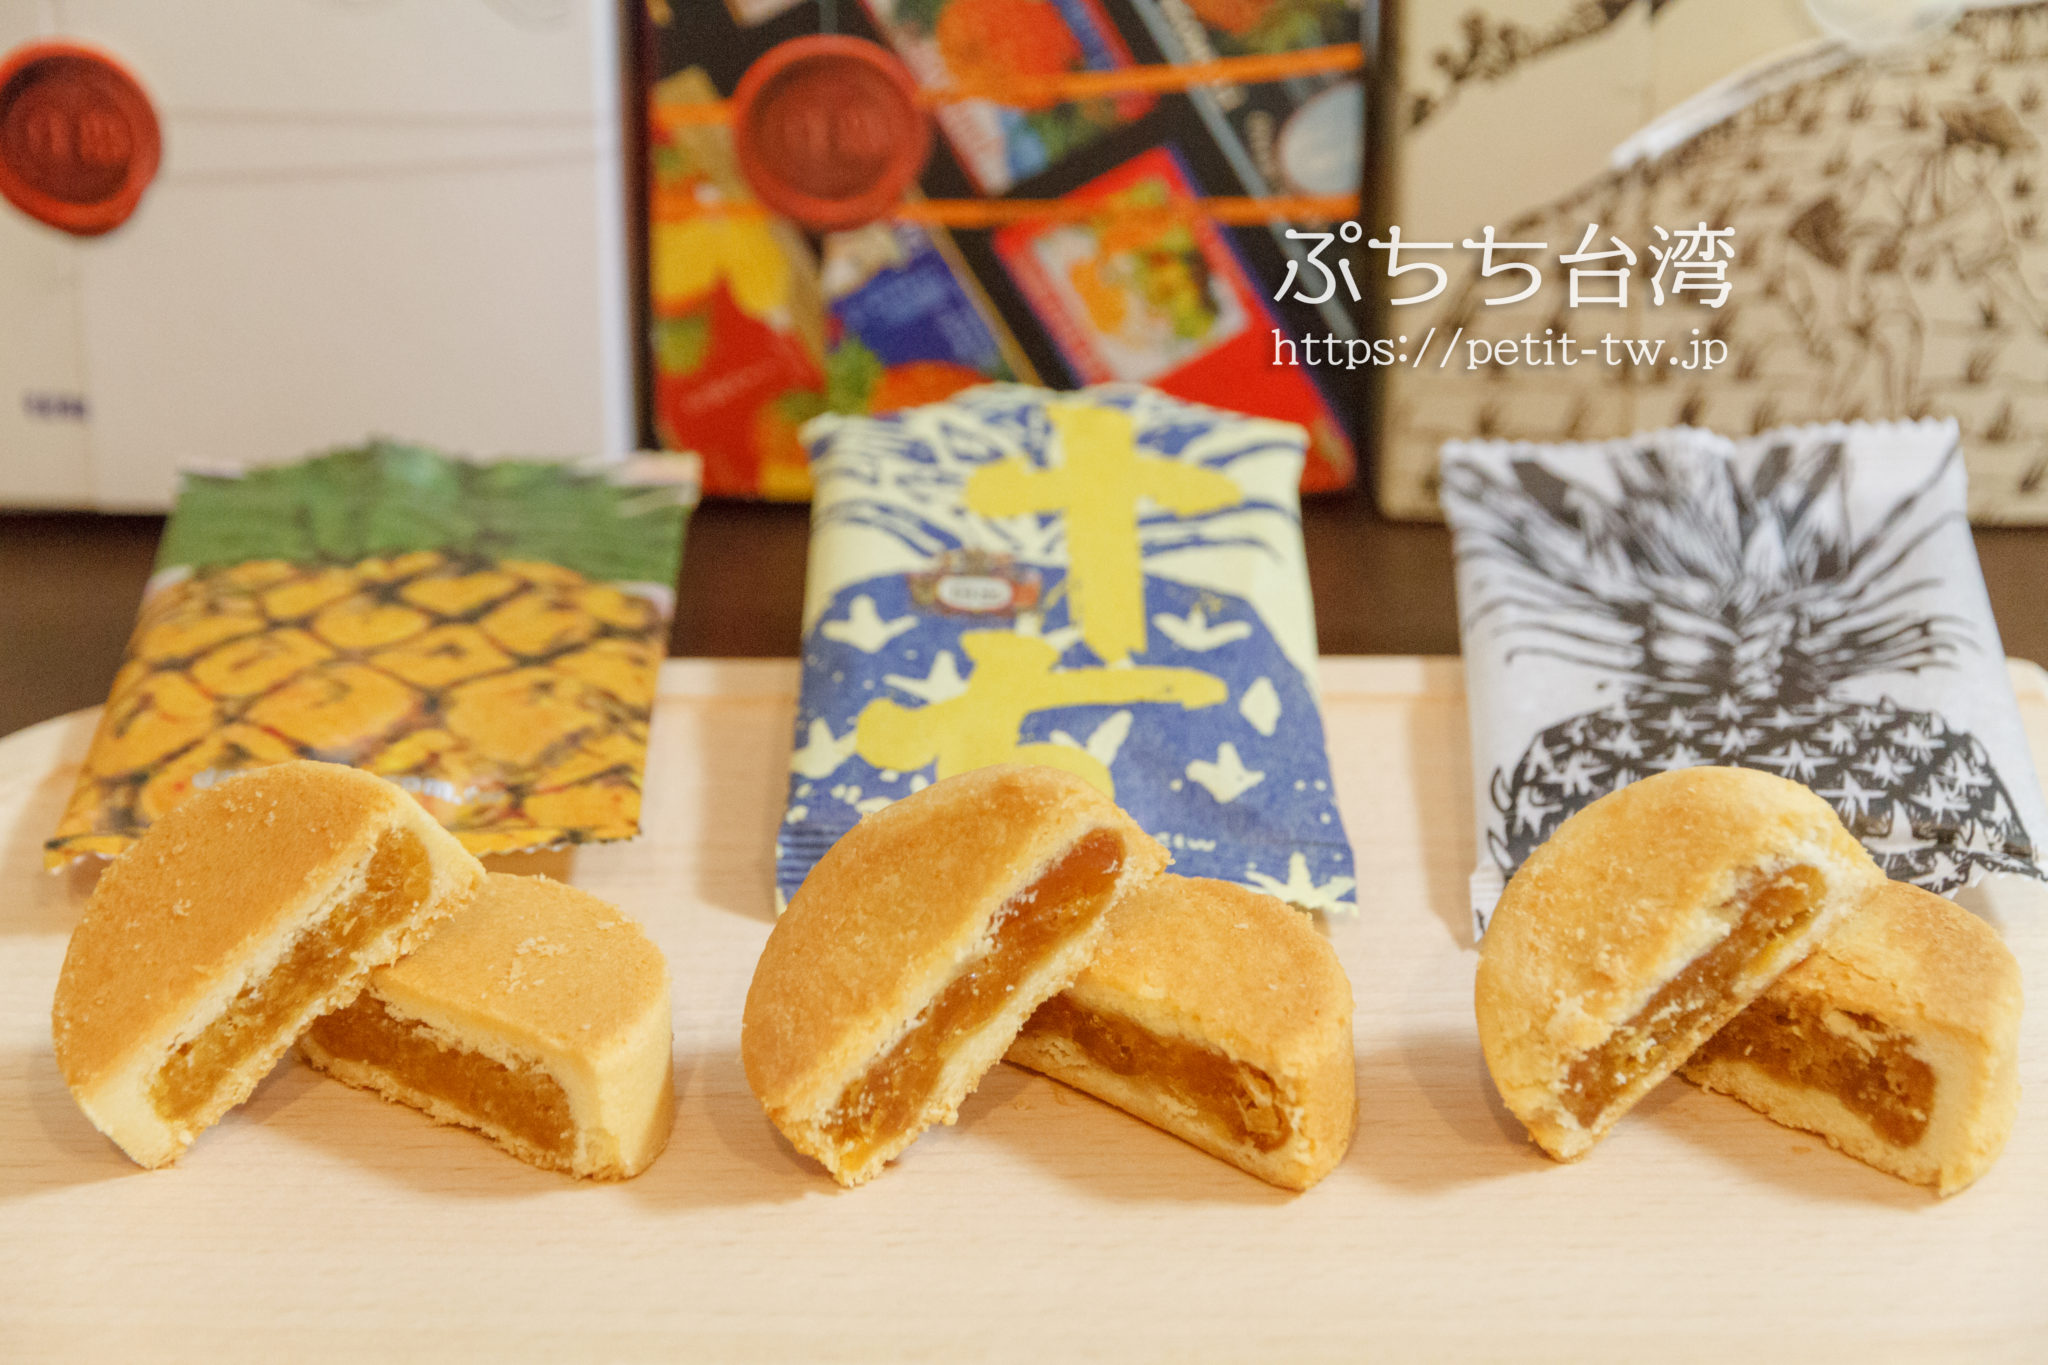 宮原眼科のパイナップルケーキ